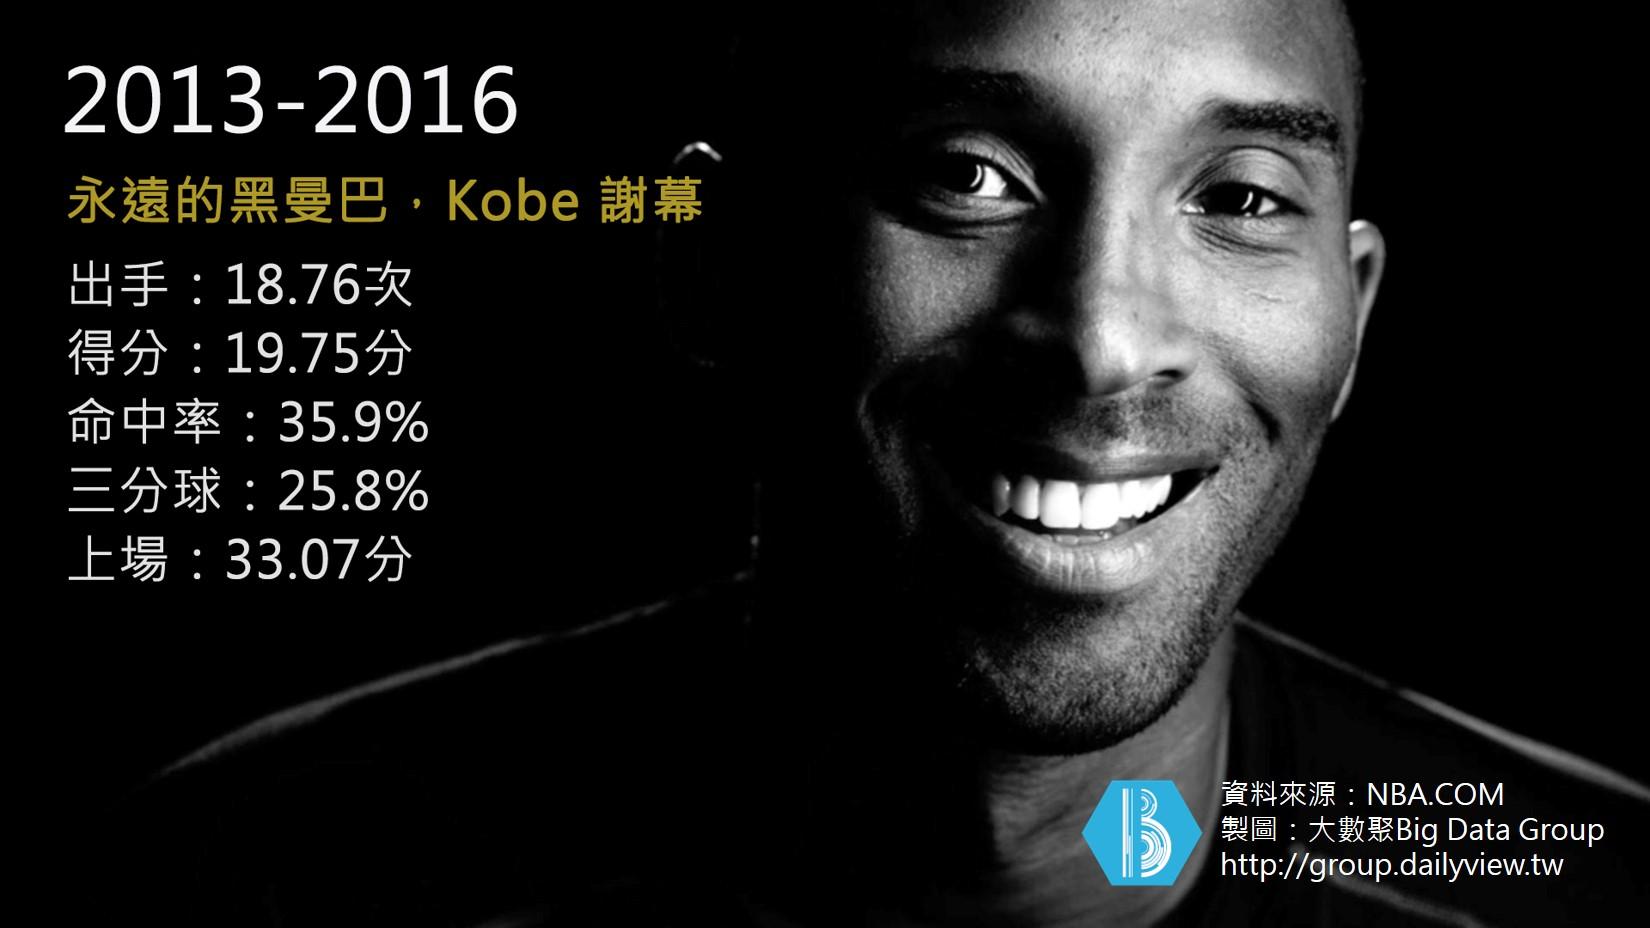 2015 KOBE1